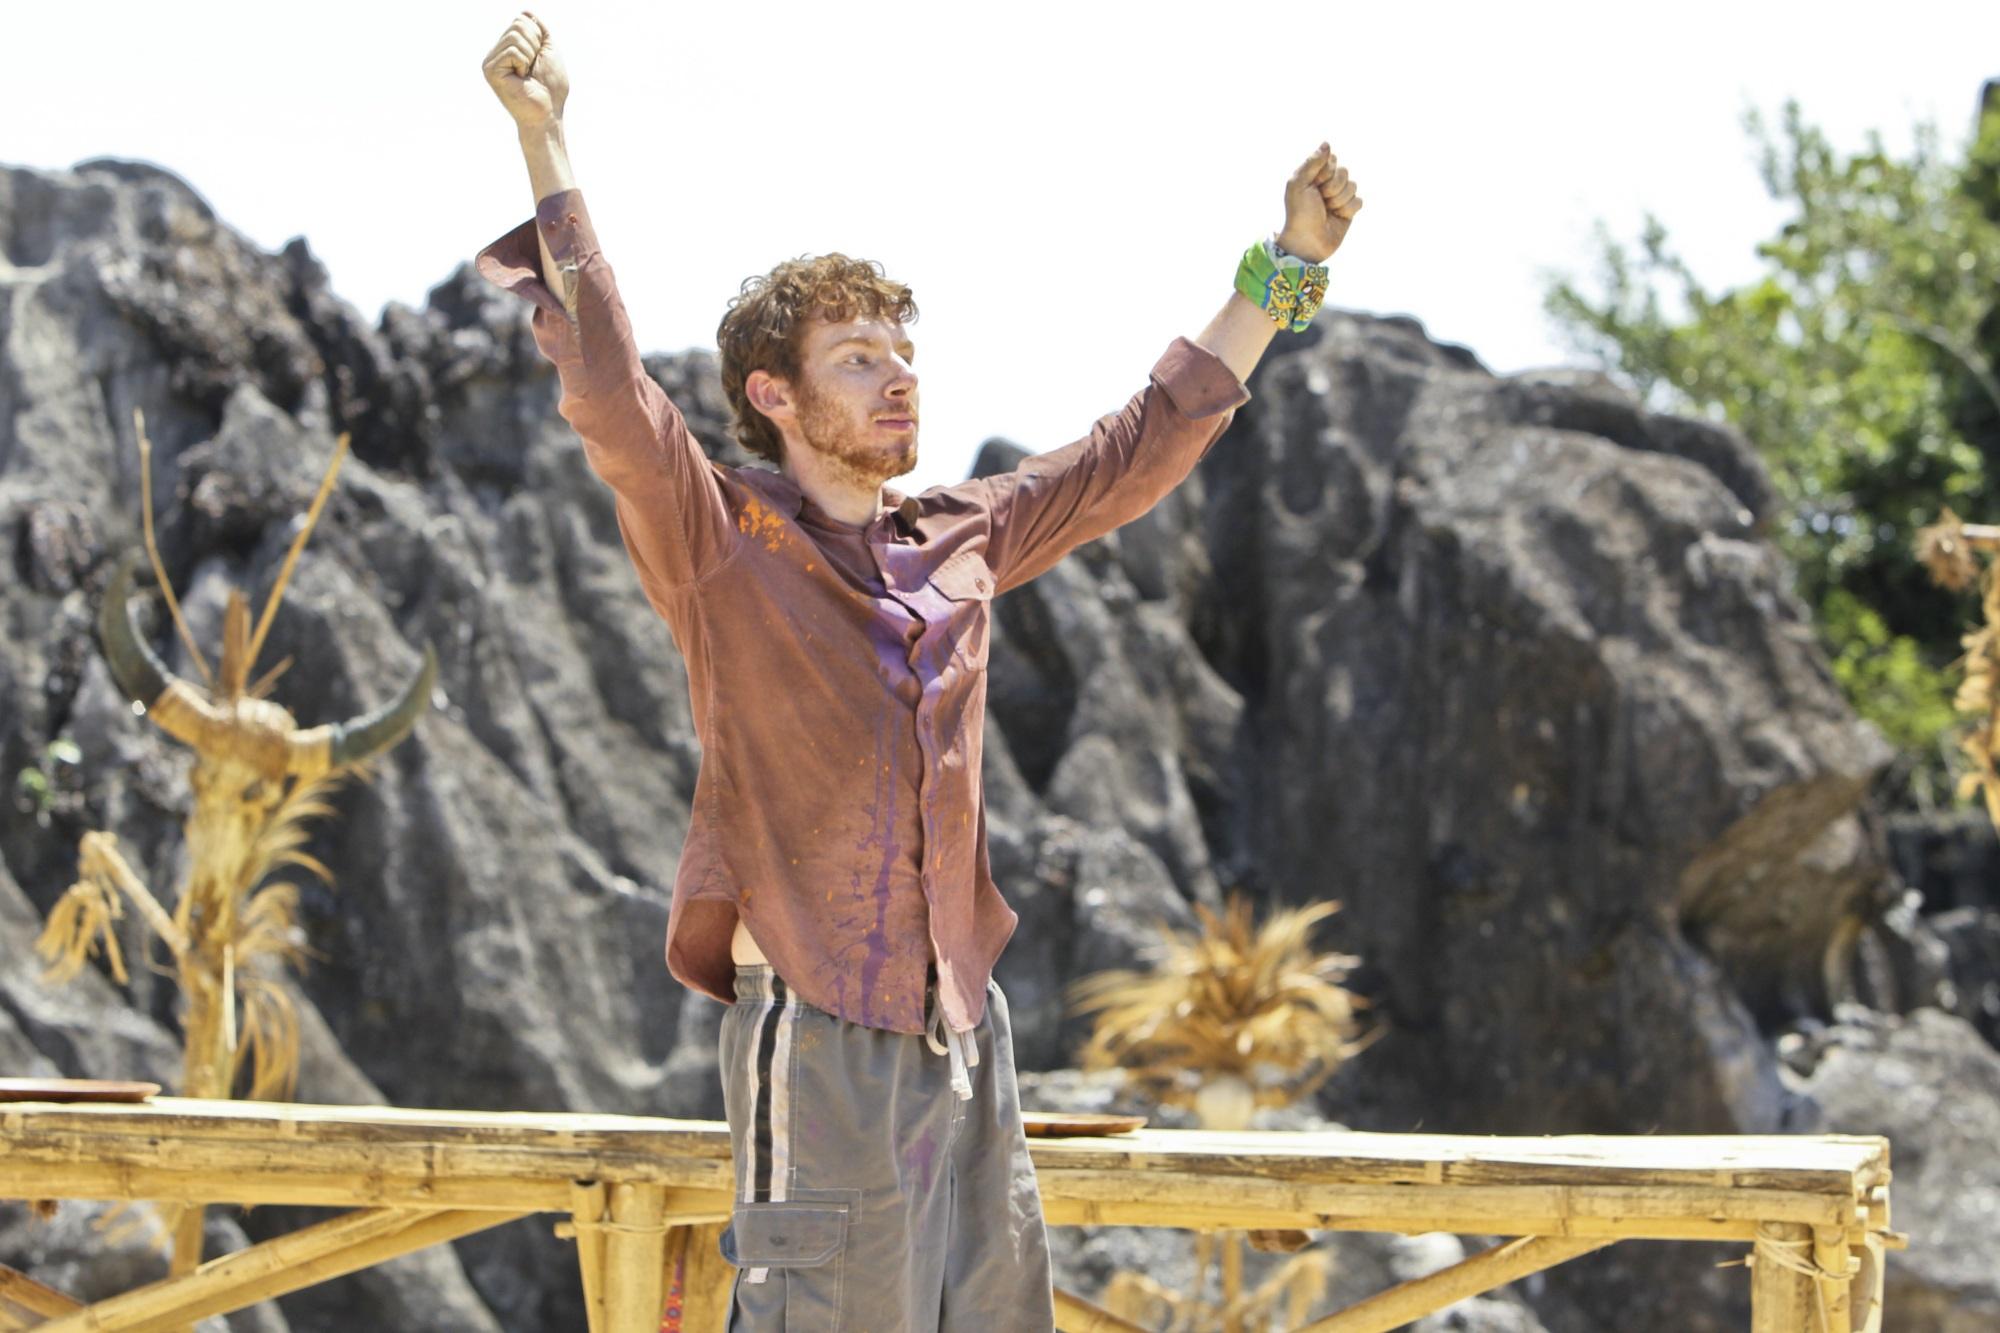 'Survivor' star John Cochran